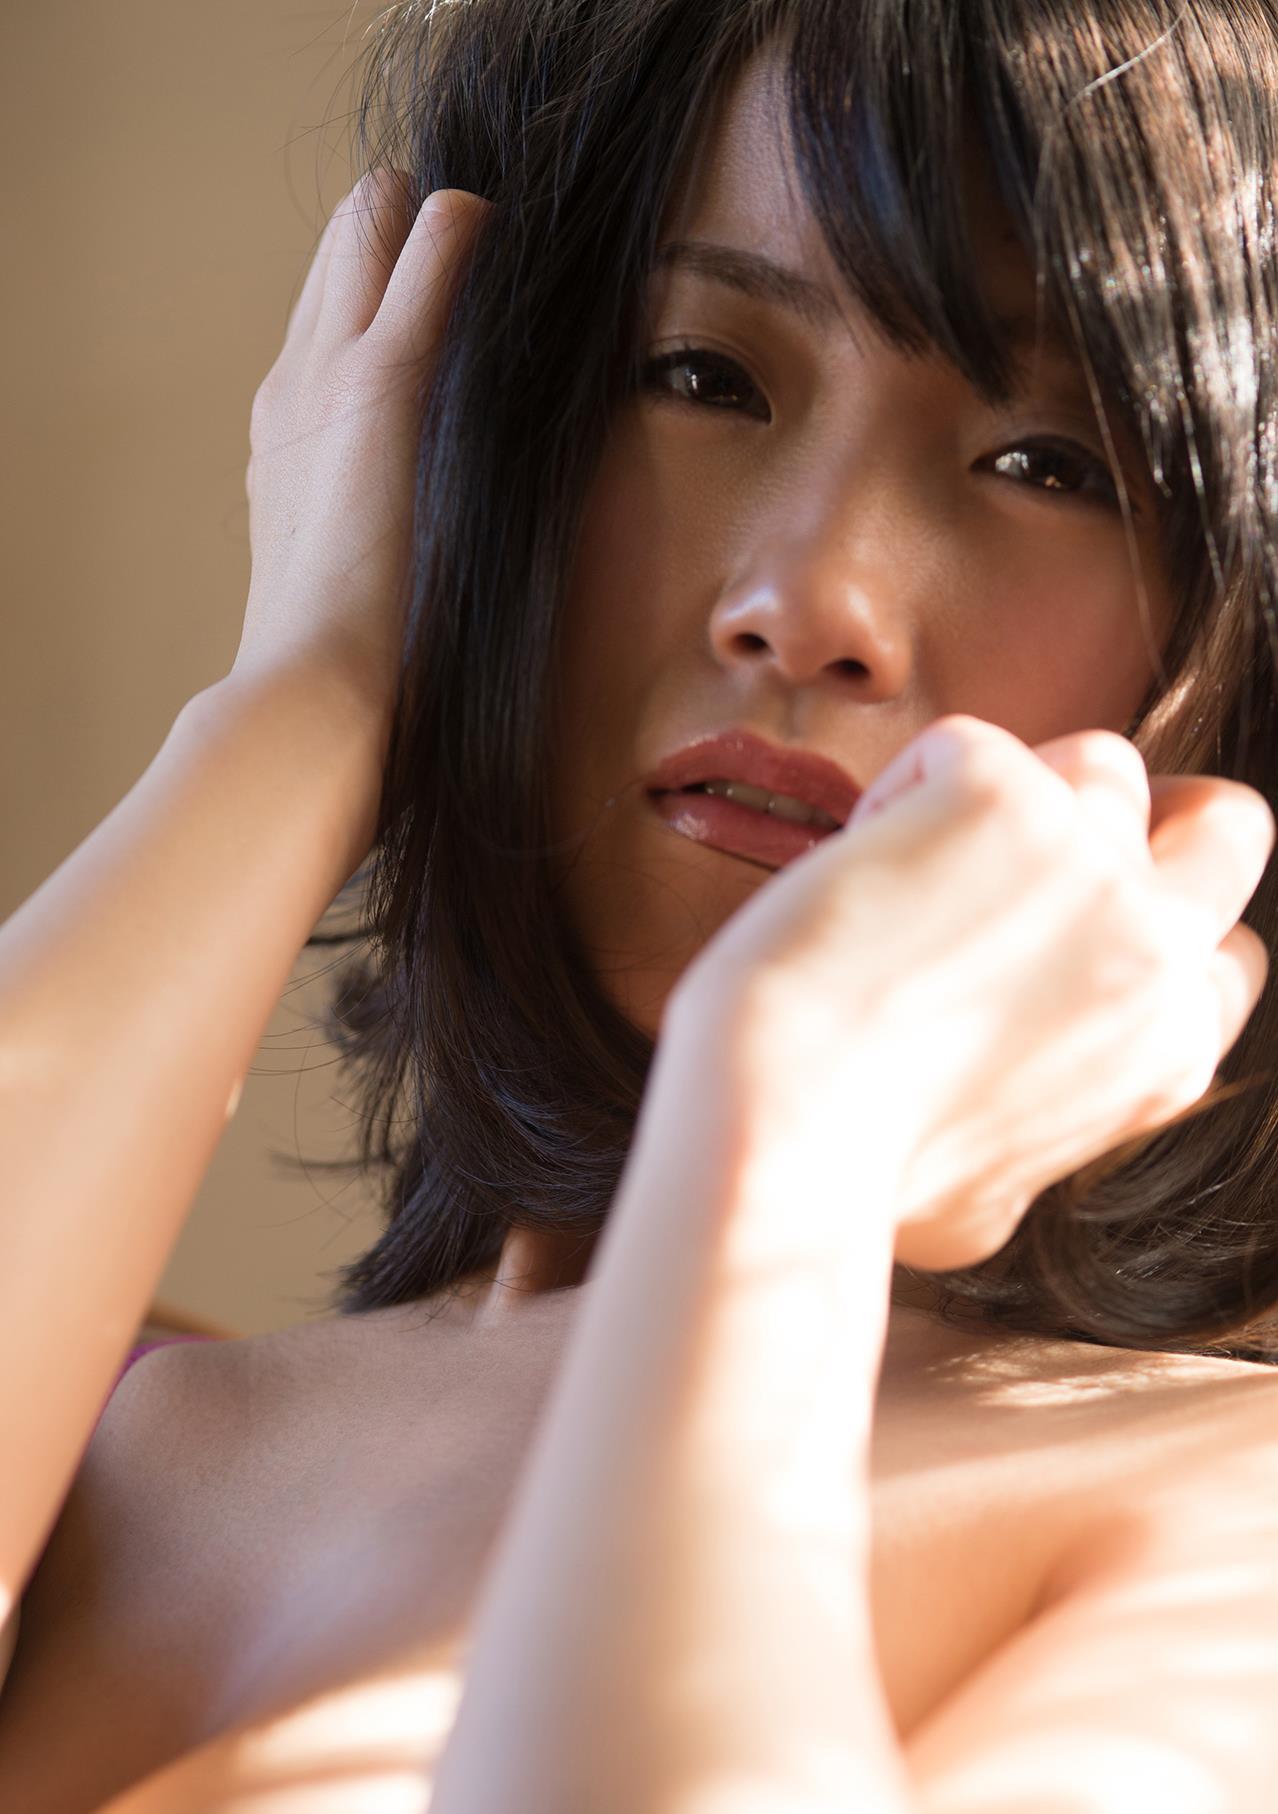 長瀬麻美 画像 041